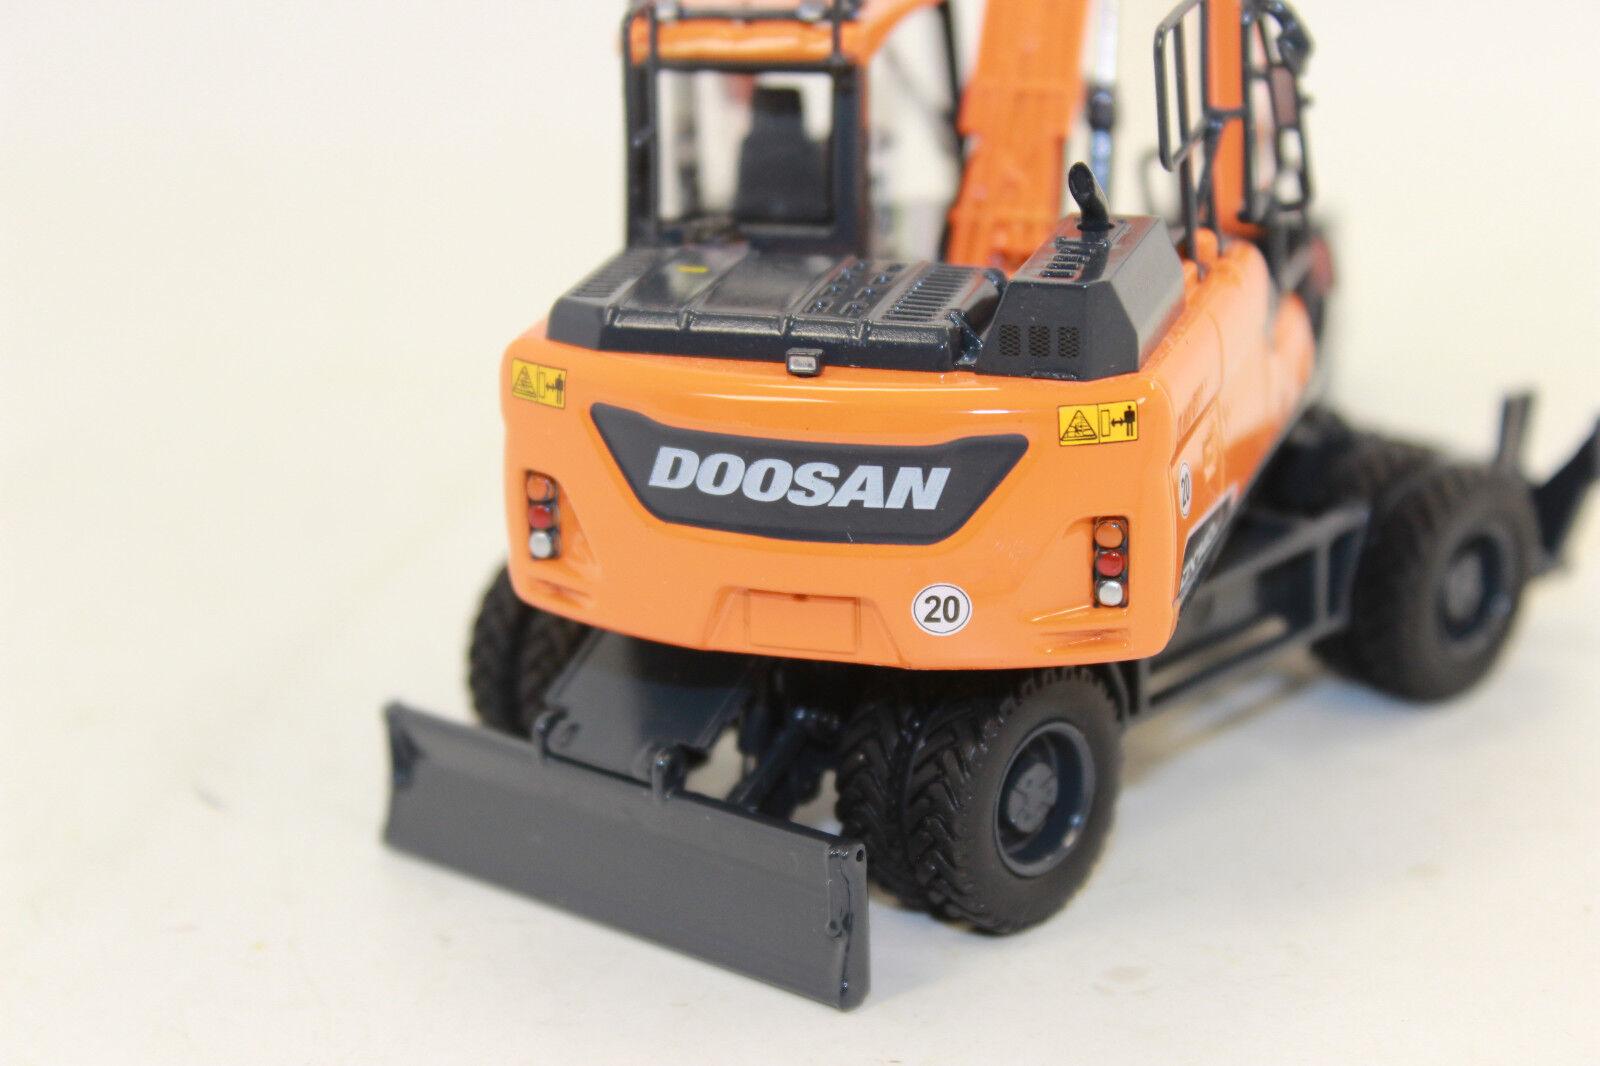 UH 8108 Doosan Escavatore mobile DX 140 W 1 50 NUOVO IN SCATOLA ORIGINALE